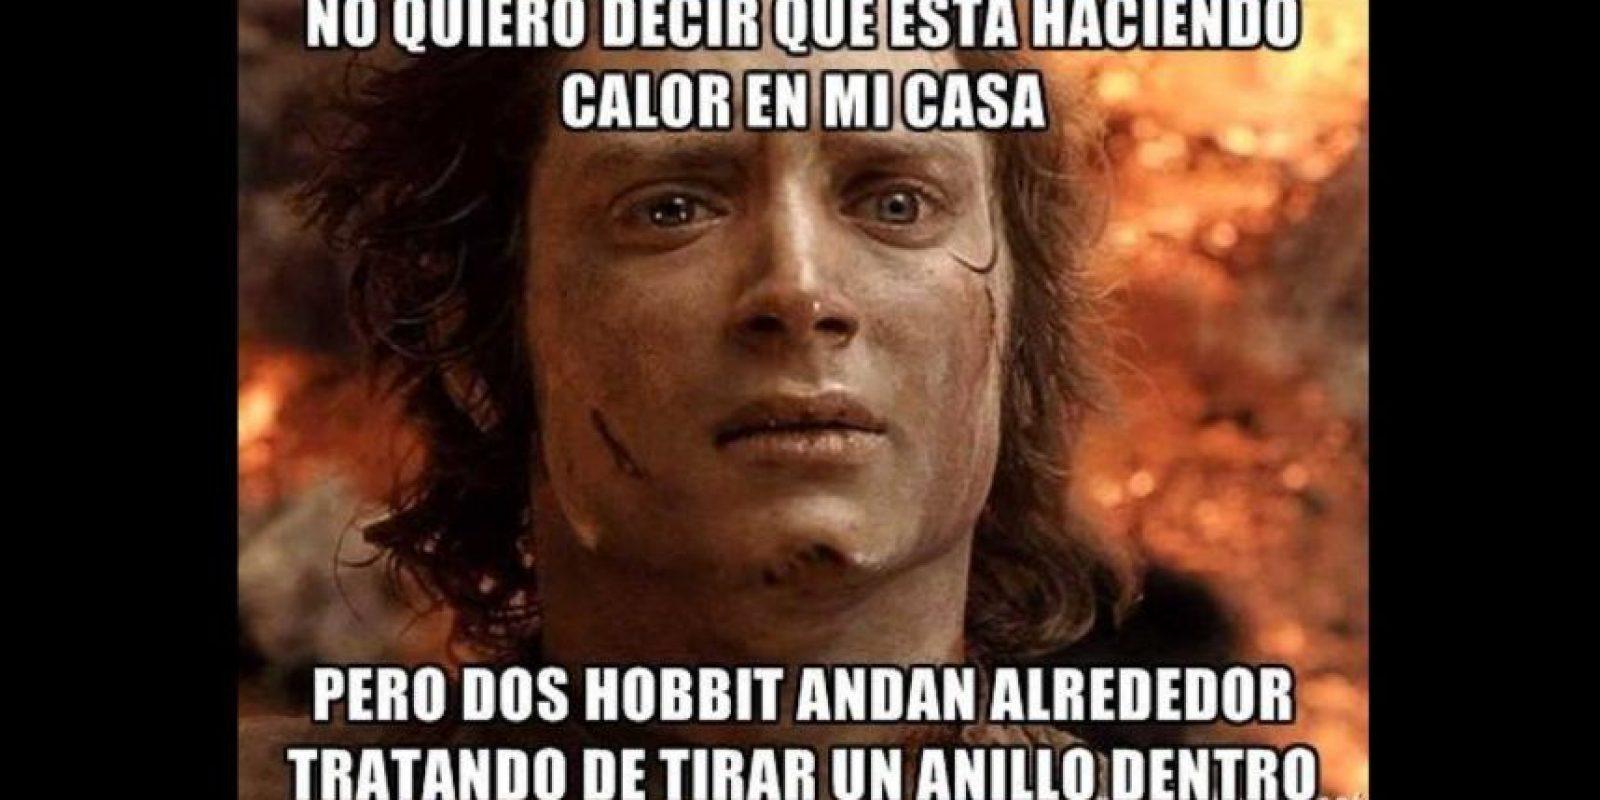 memes del calor 6 1600x800 memes aumentan las temperaturas y los guatemaltecos se lo toman